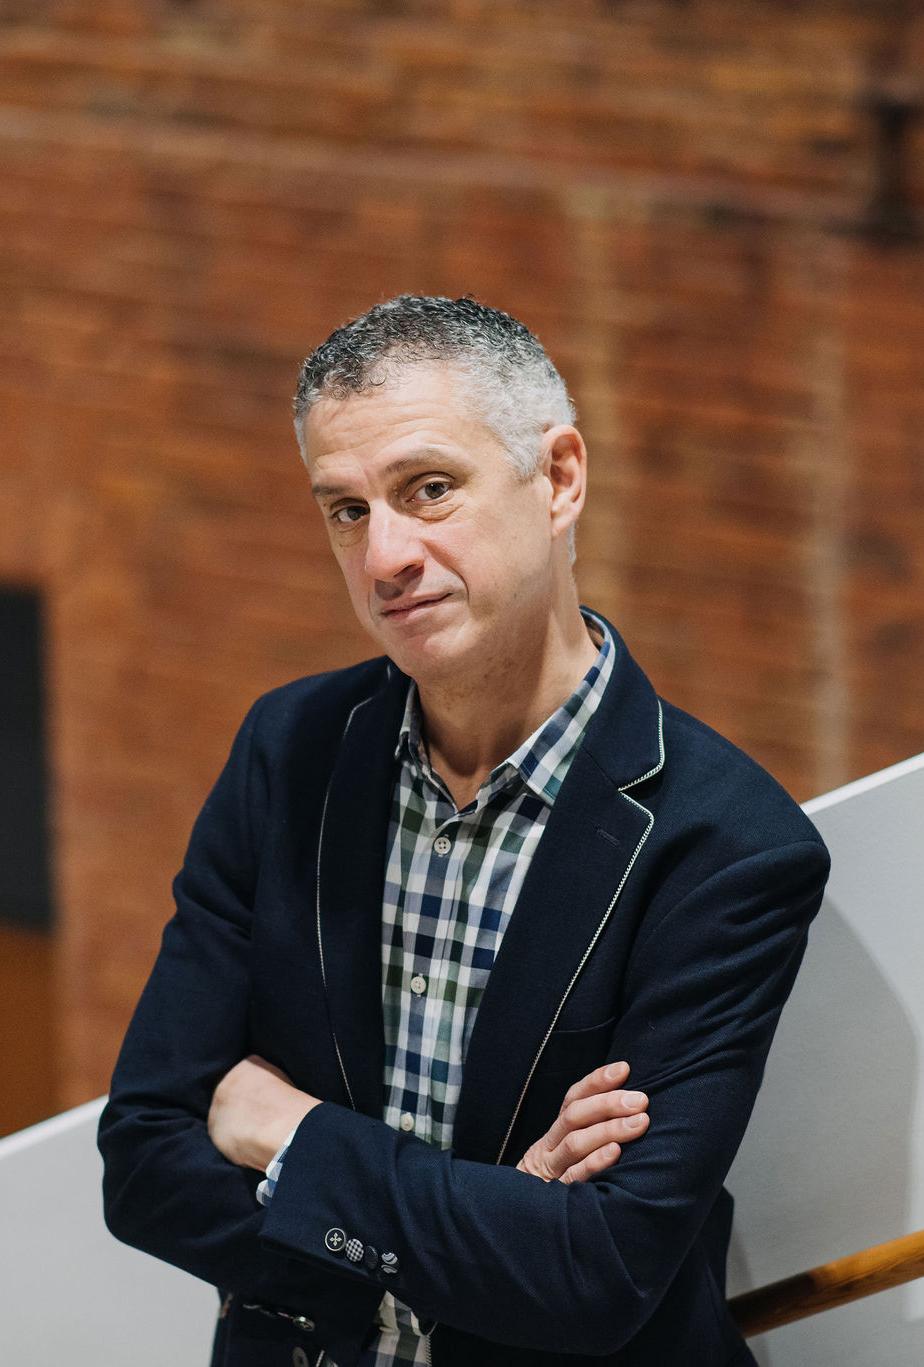 Robert Franz, Music Director